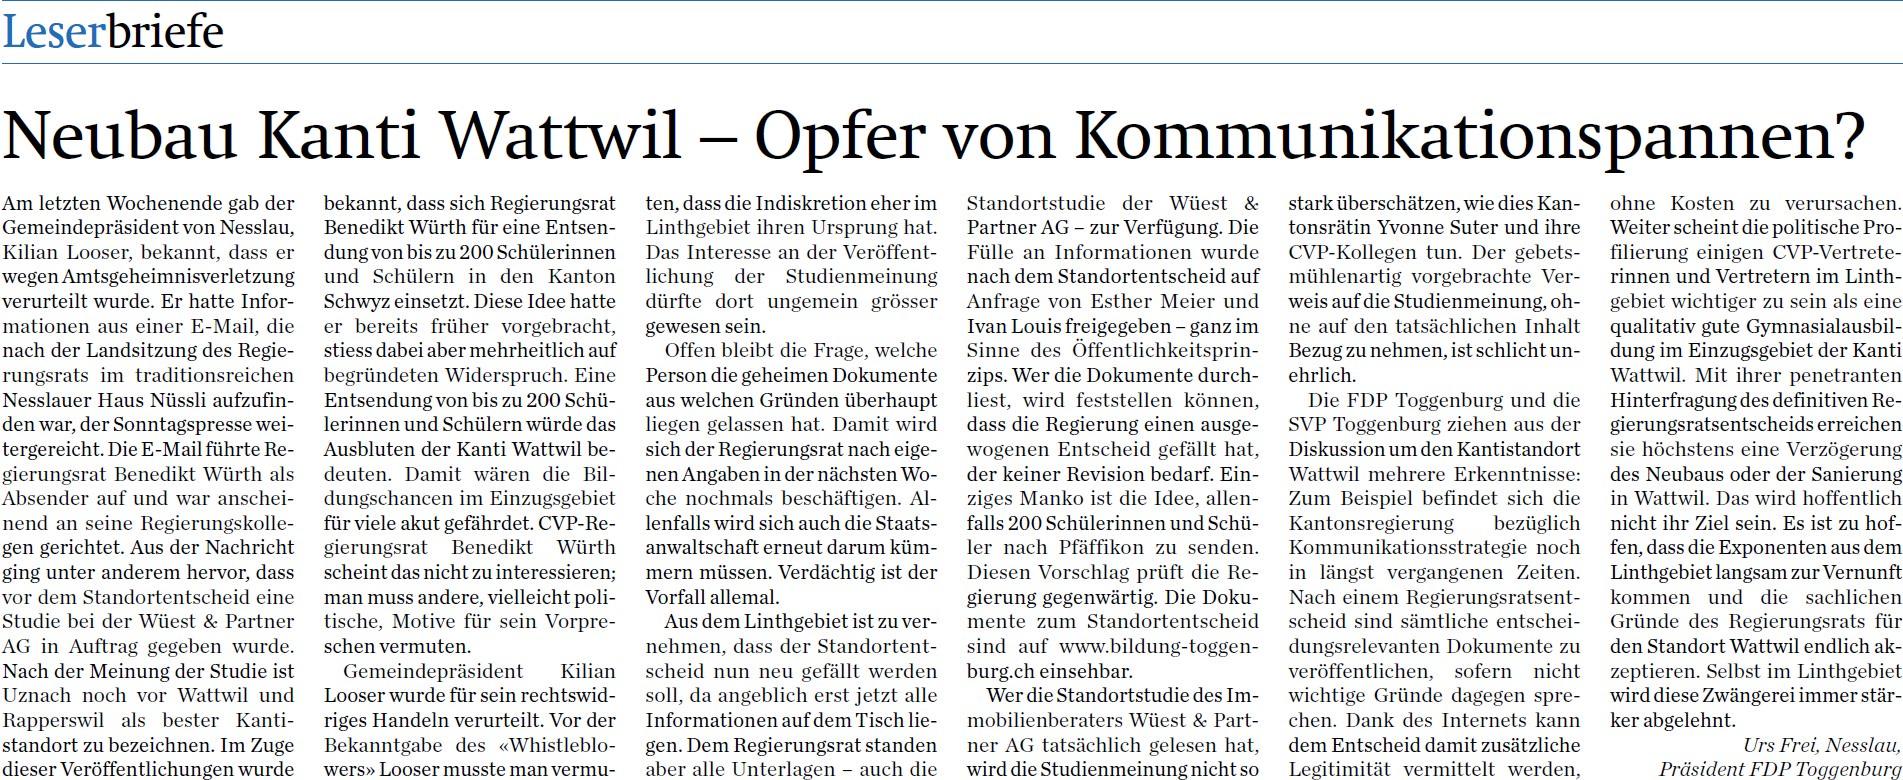 Neubau Kanti Wattwil - Opfer von Kommunikationspannen? (Donnerstag, 07.08.2014)